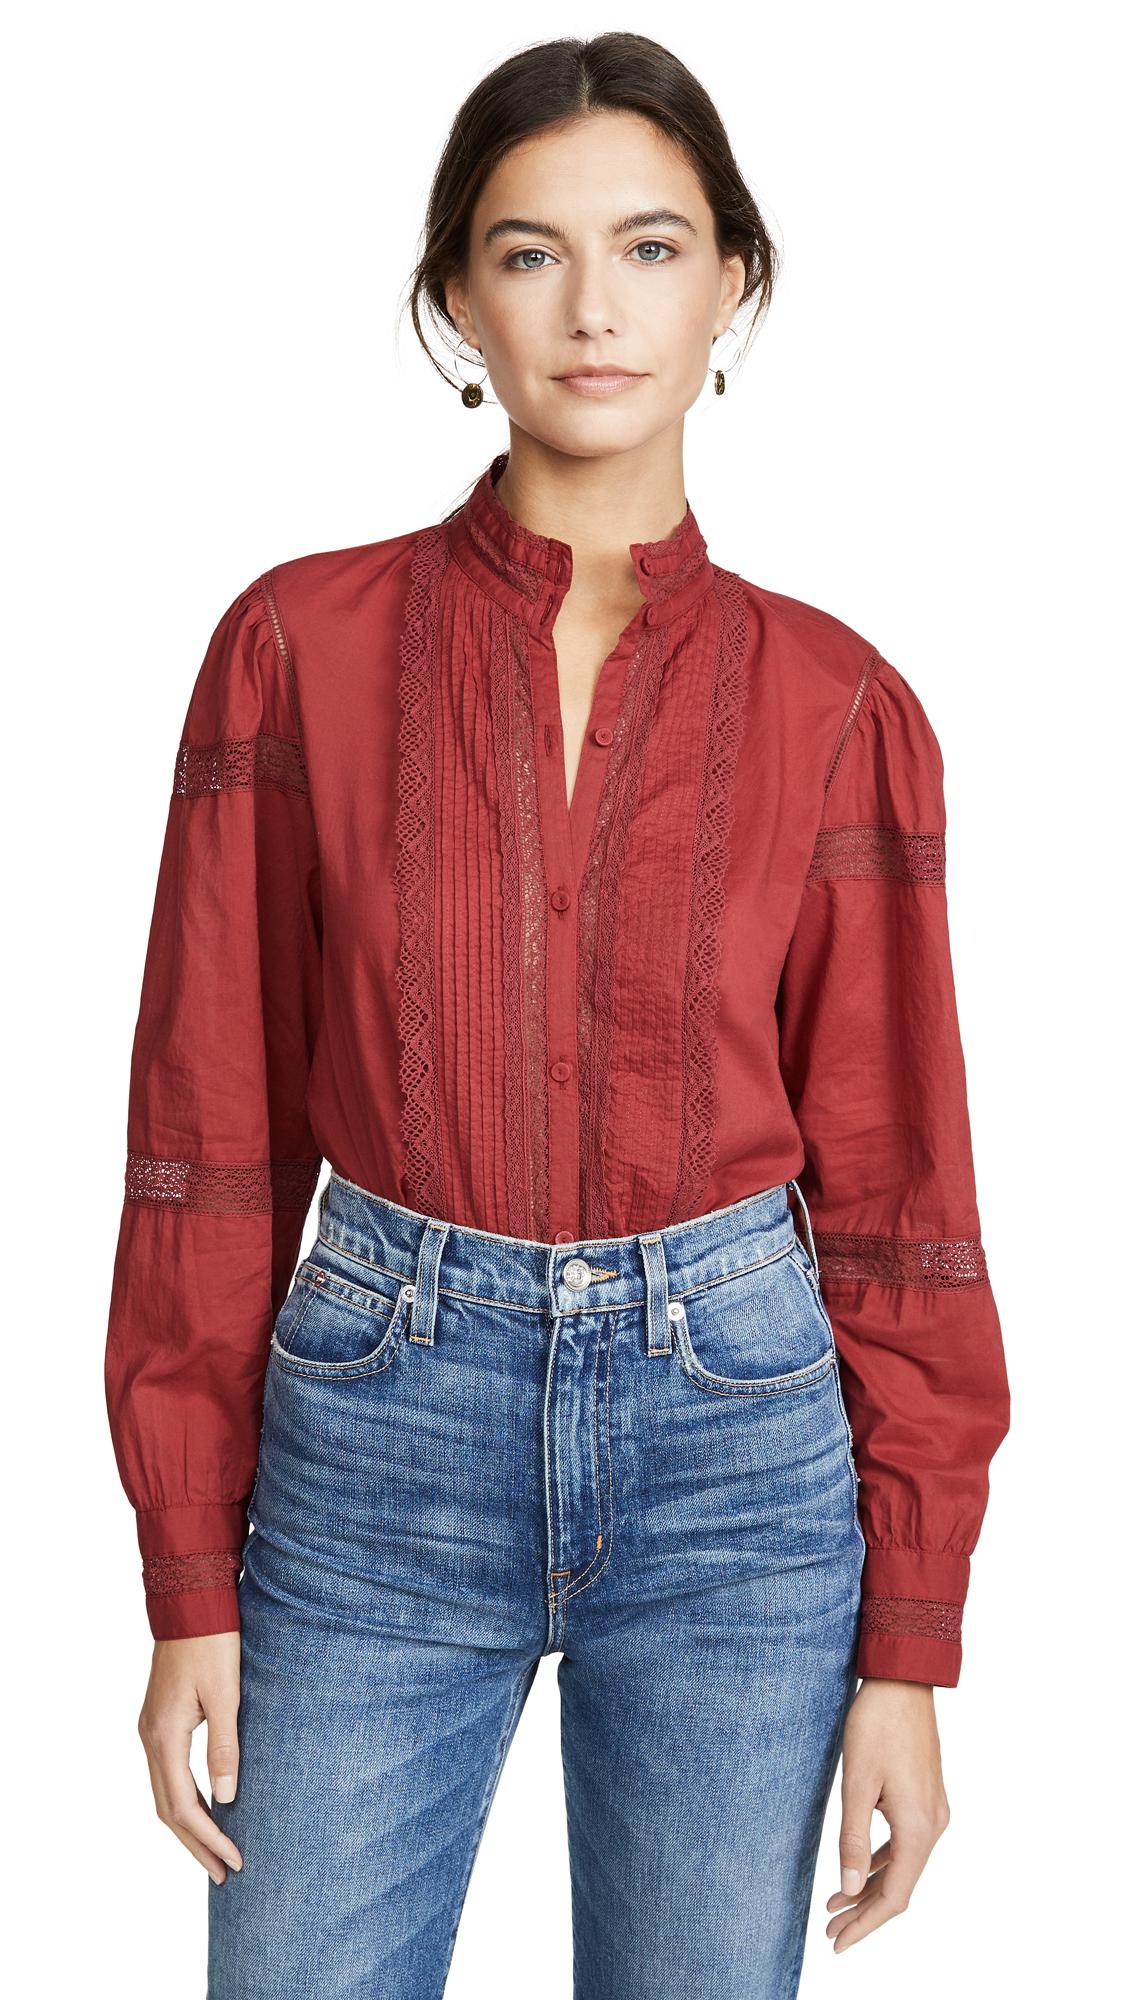 La Vie Rebecca Taylor Long Sleeve Voile Lace Top - 40% Off Sale